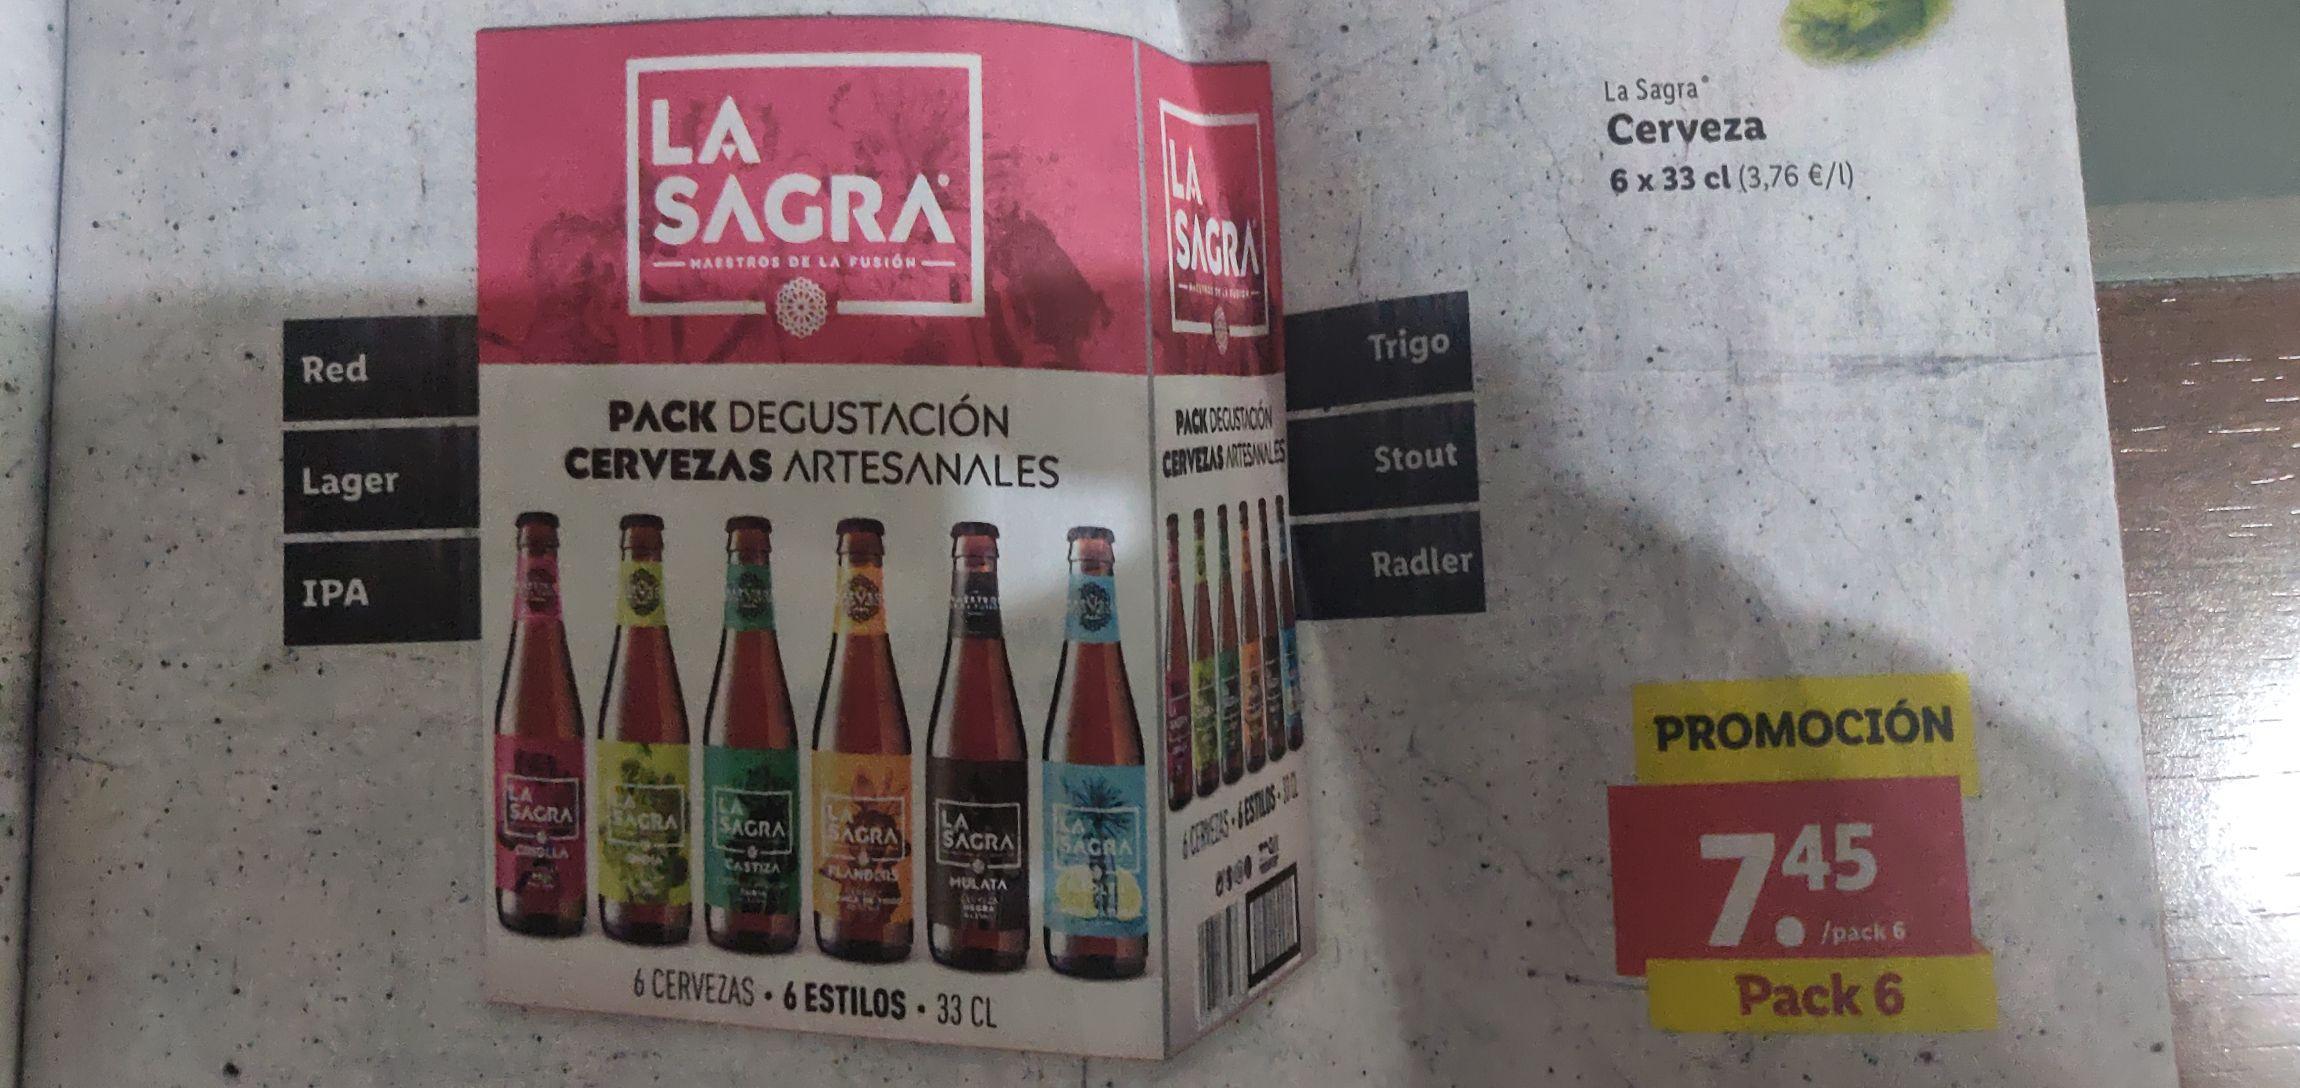 LIDL Pack degustación La Sagra